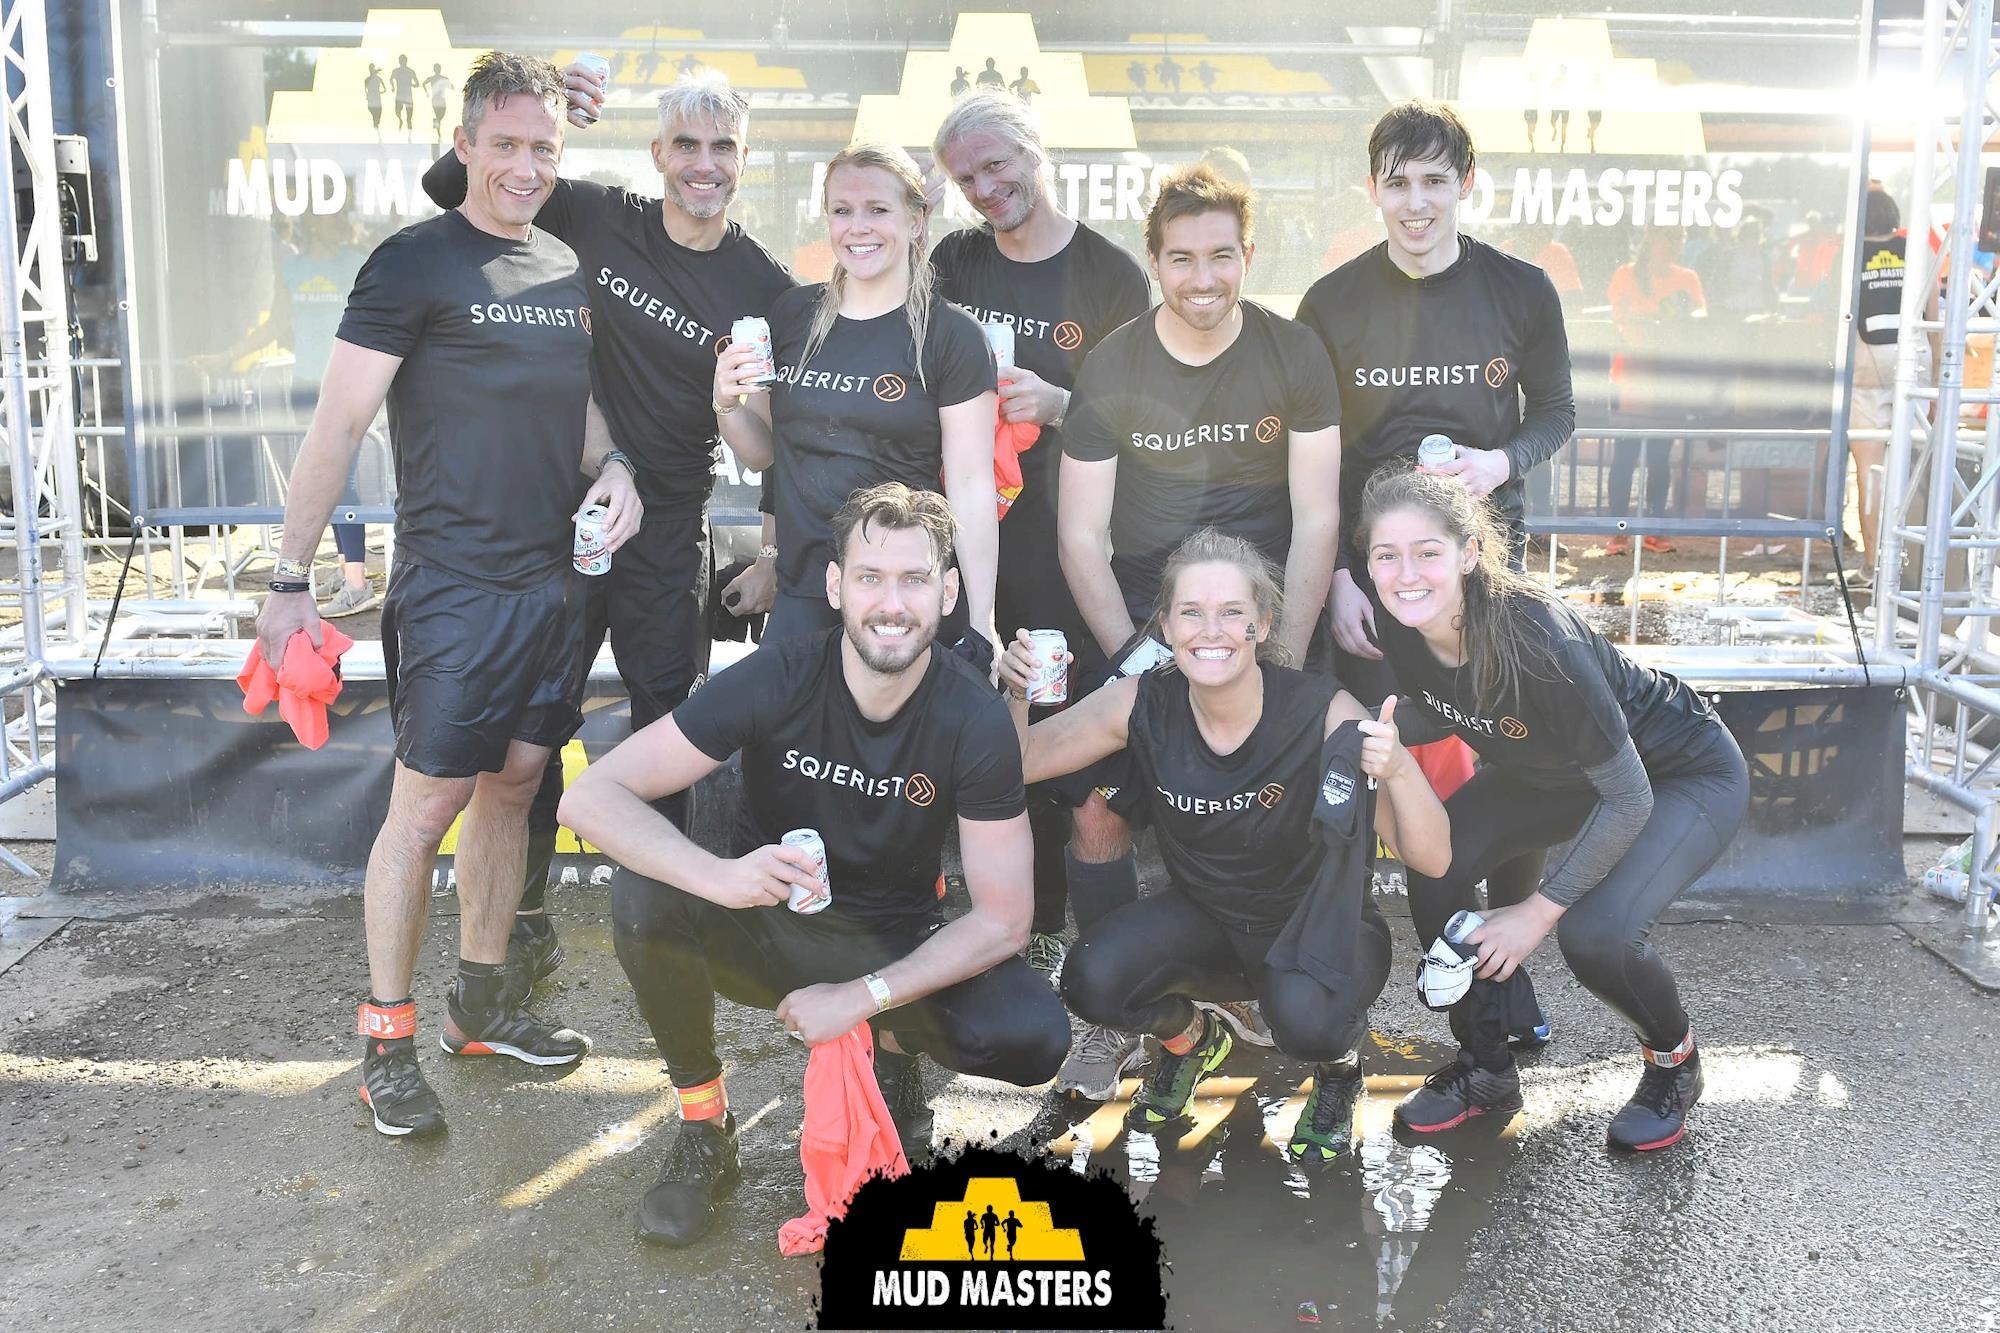 Squerist Nieuws Mud Masters Finish Foto